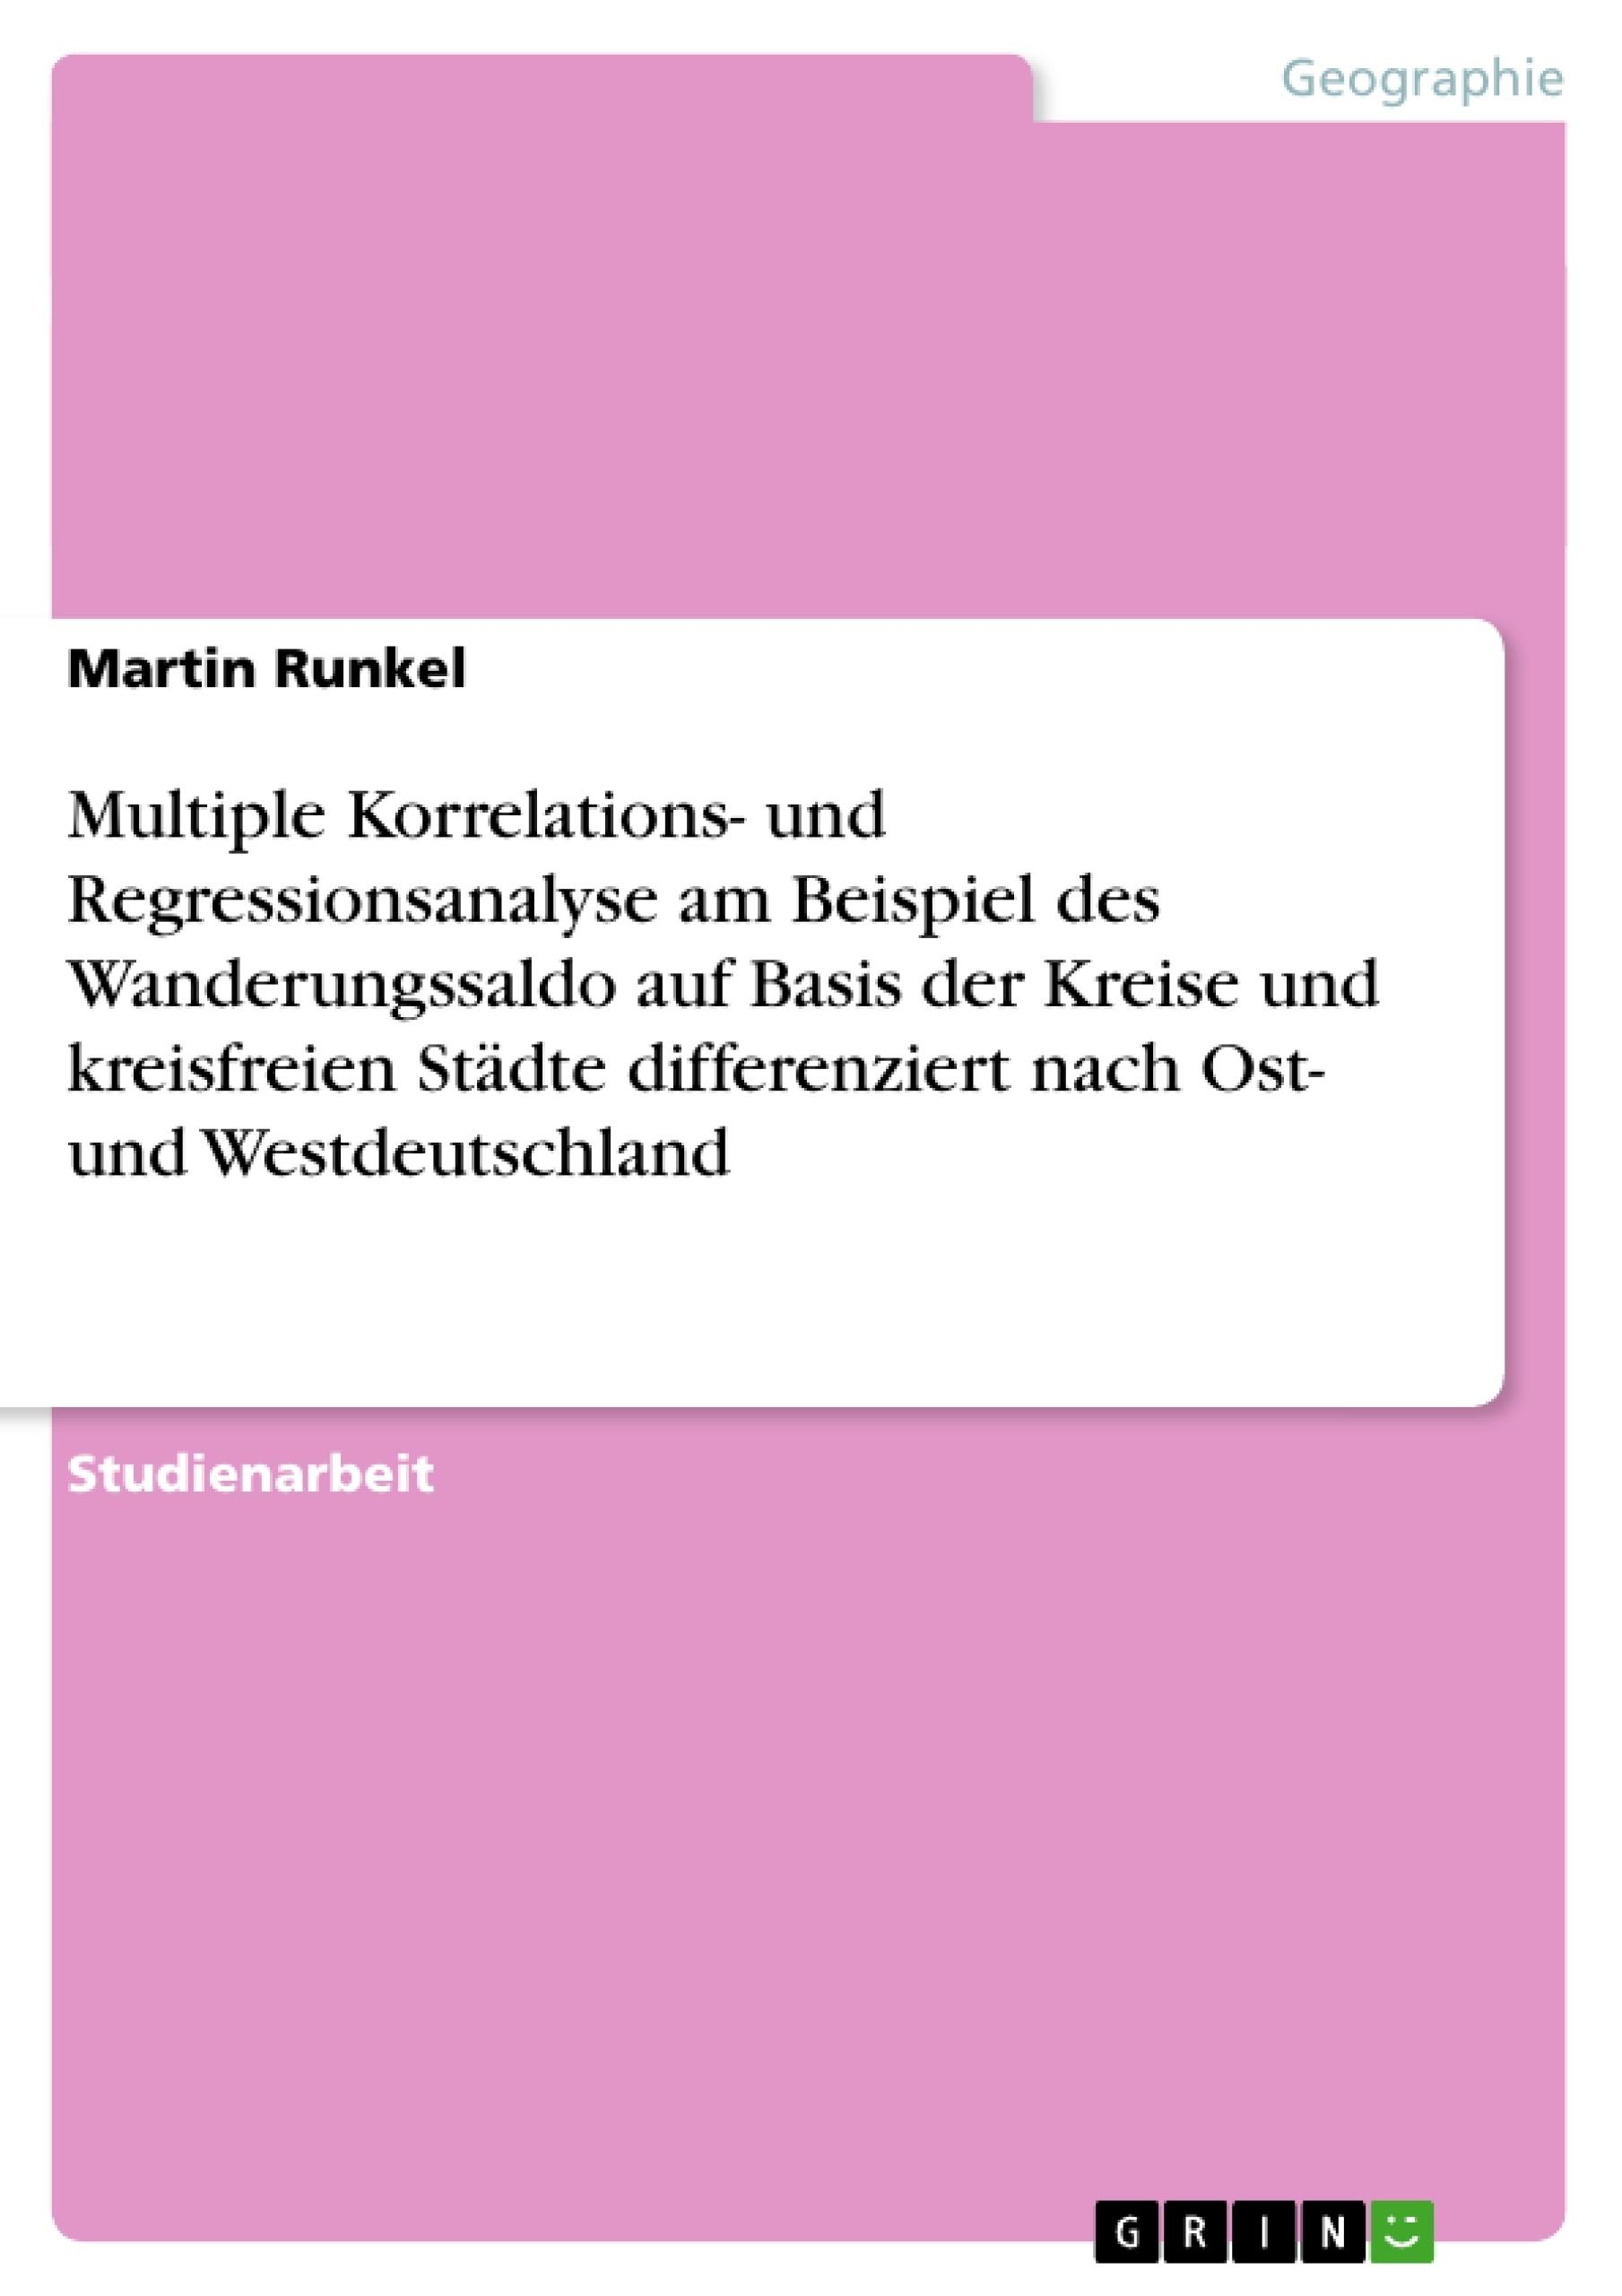 Titel: Multiple Korrelations- und Regressionsanalyse am Beispiel des Wanderungssaldo auf Basis der Kreise und kreisfreien Städte differenziert nach Ost- und Westdeutschland